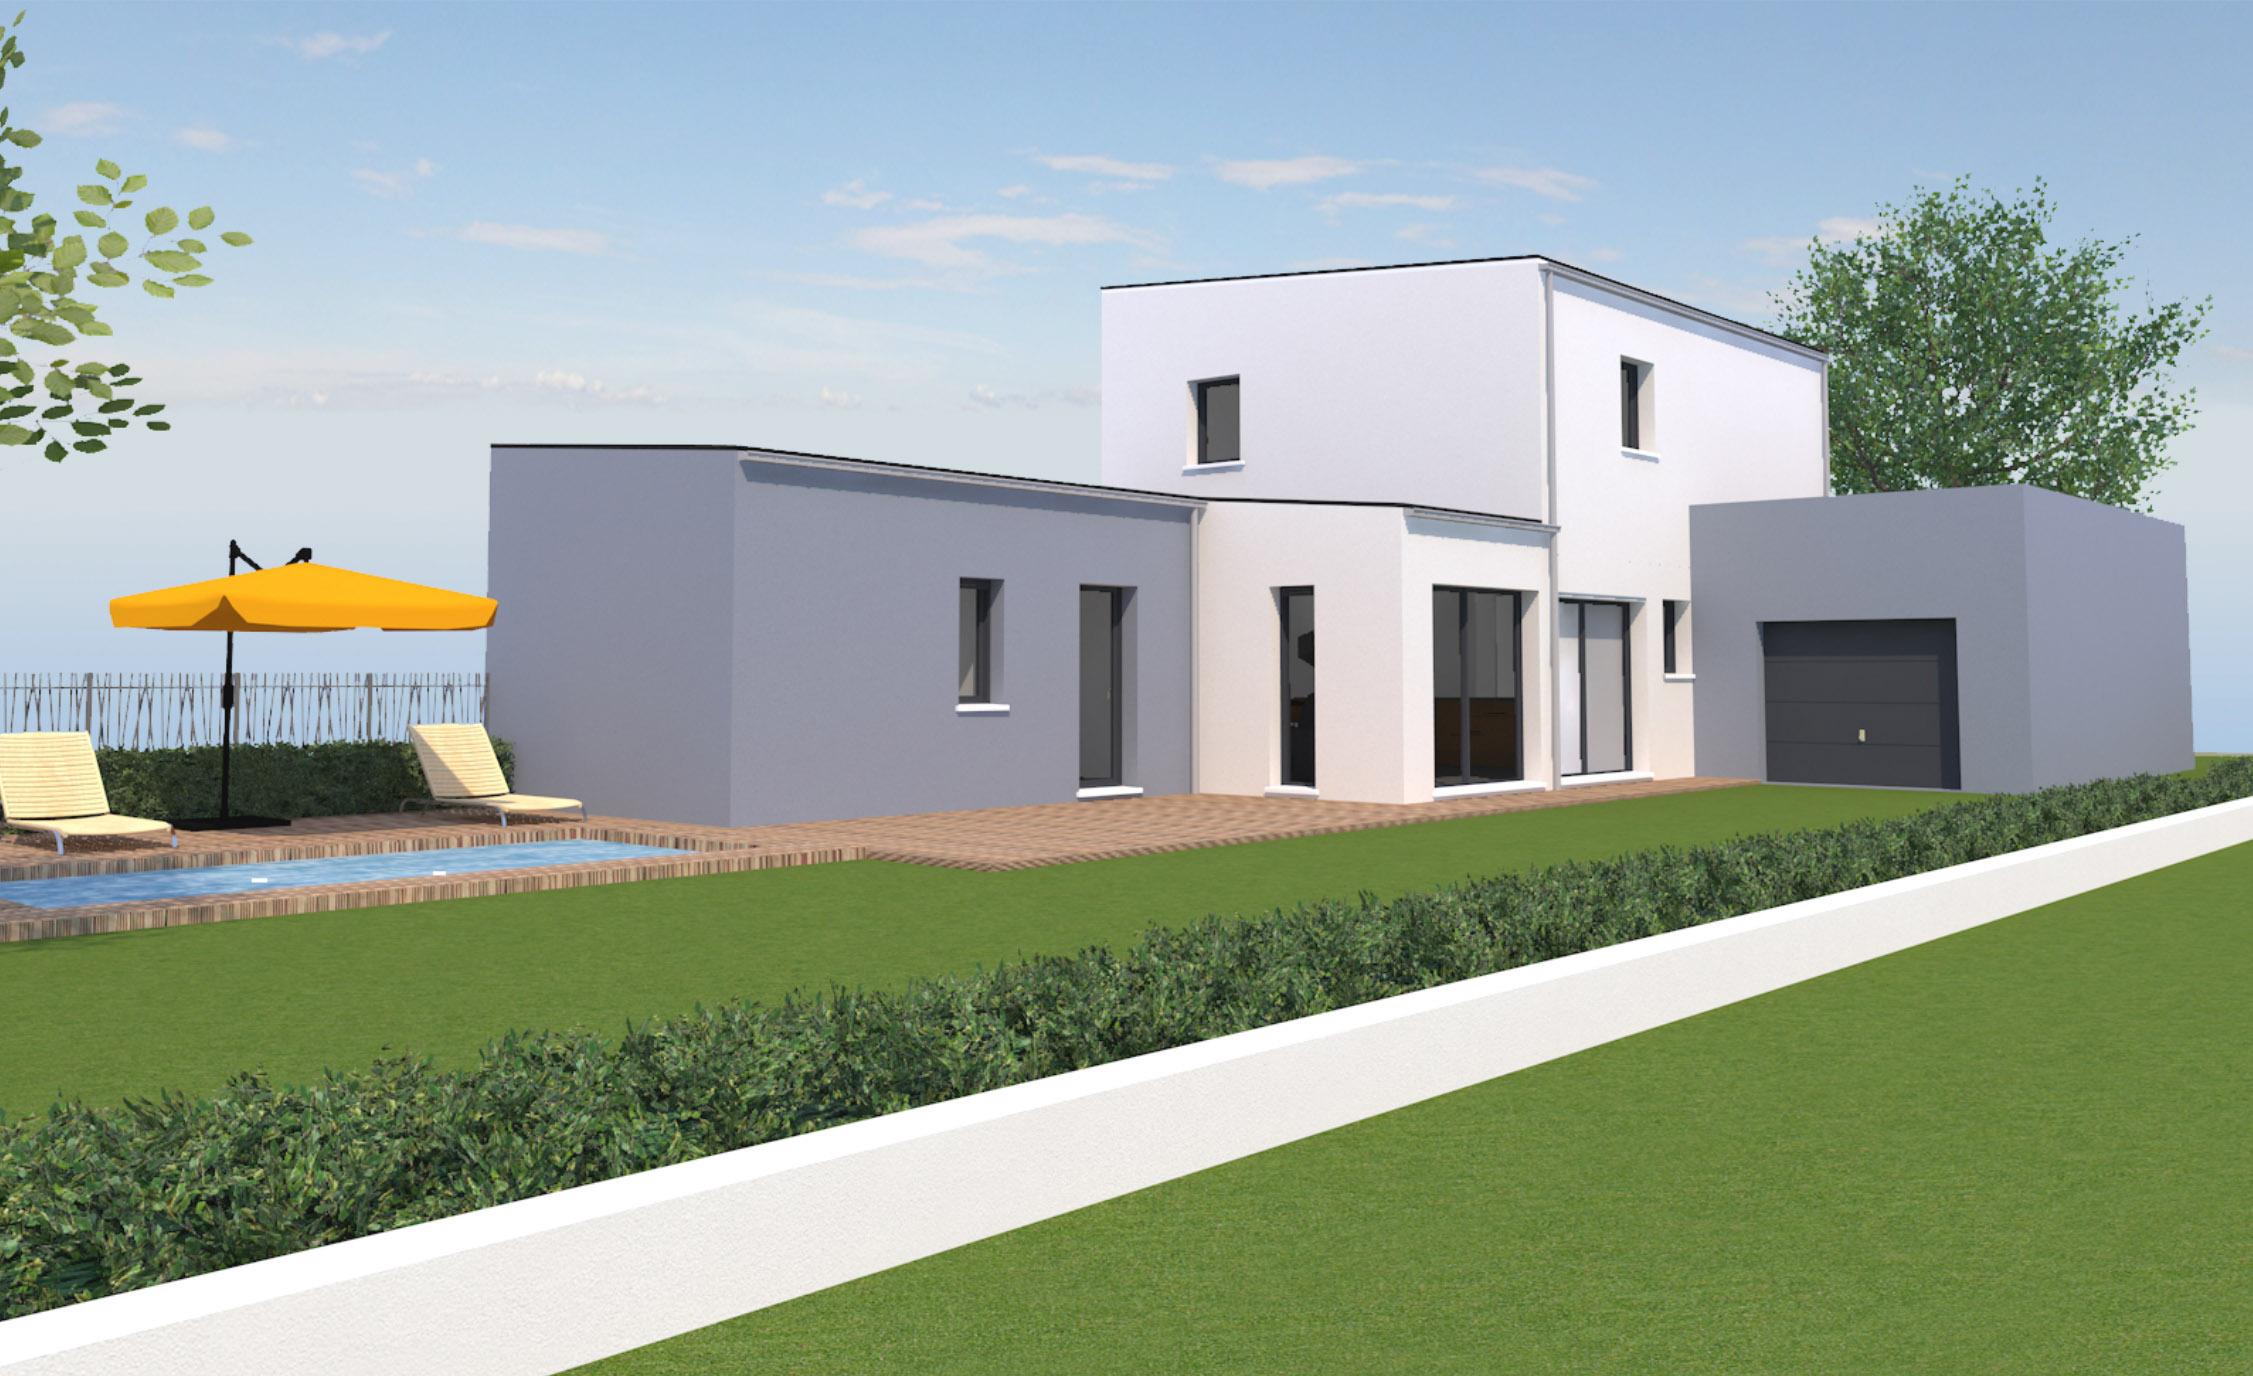 Maison et comfort mod le de maison mediterran e chambres for Maison et confort catalogue